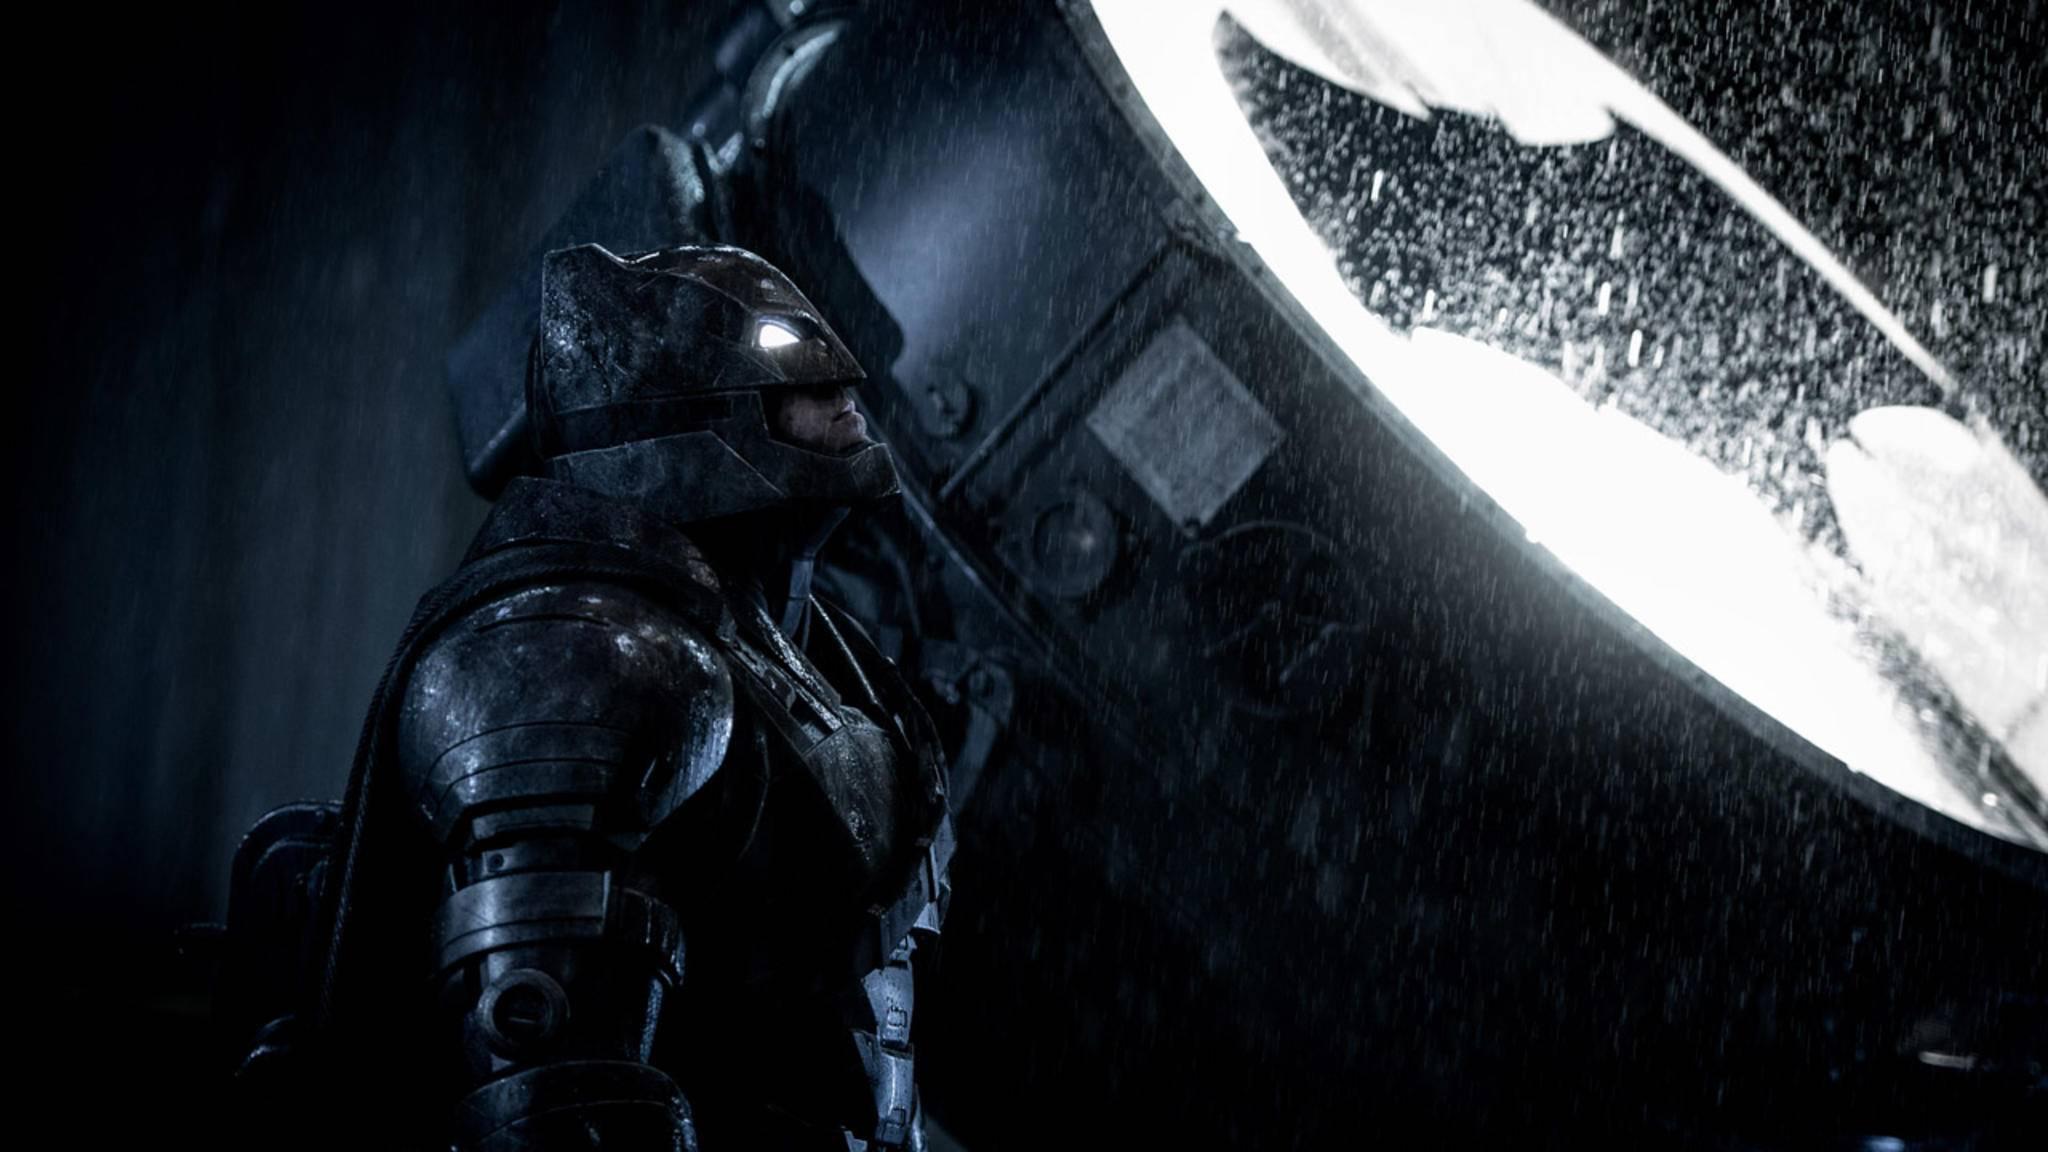 Aller Voraussicht nach wird sich Batman erst wieder 2021 aufmachen, um in Gotham für Recht und Ordnung zu sorgen.